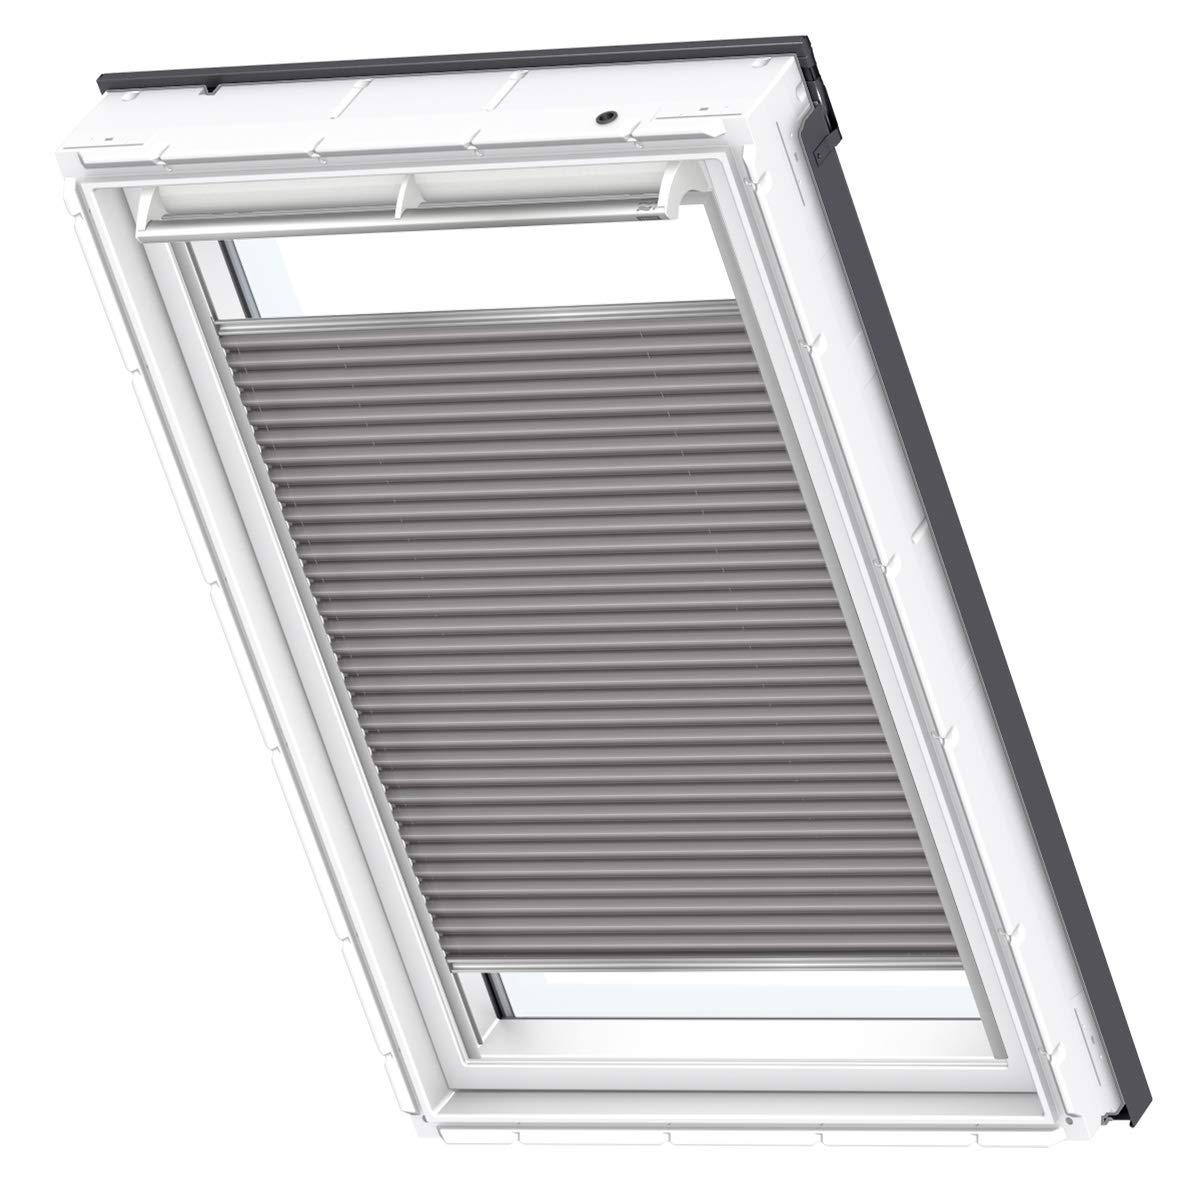 VELUX Original Store occultant et Isolant pour fenêtres de Toit MK04, Beige